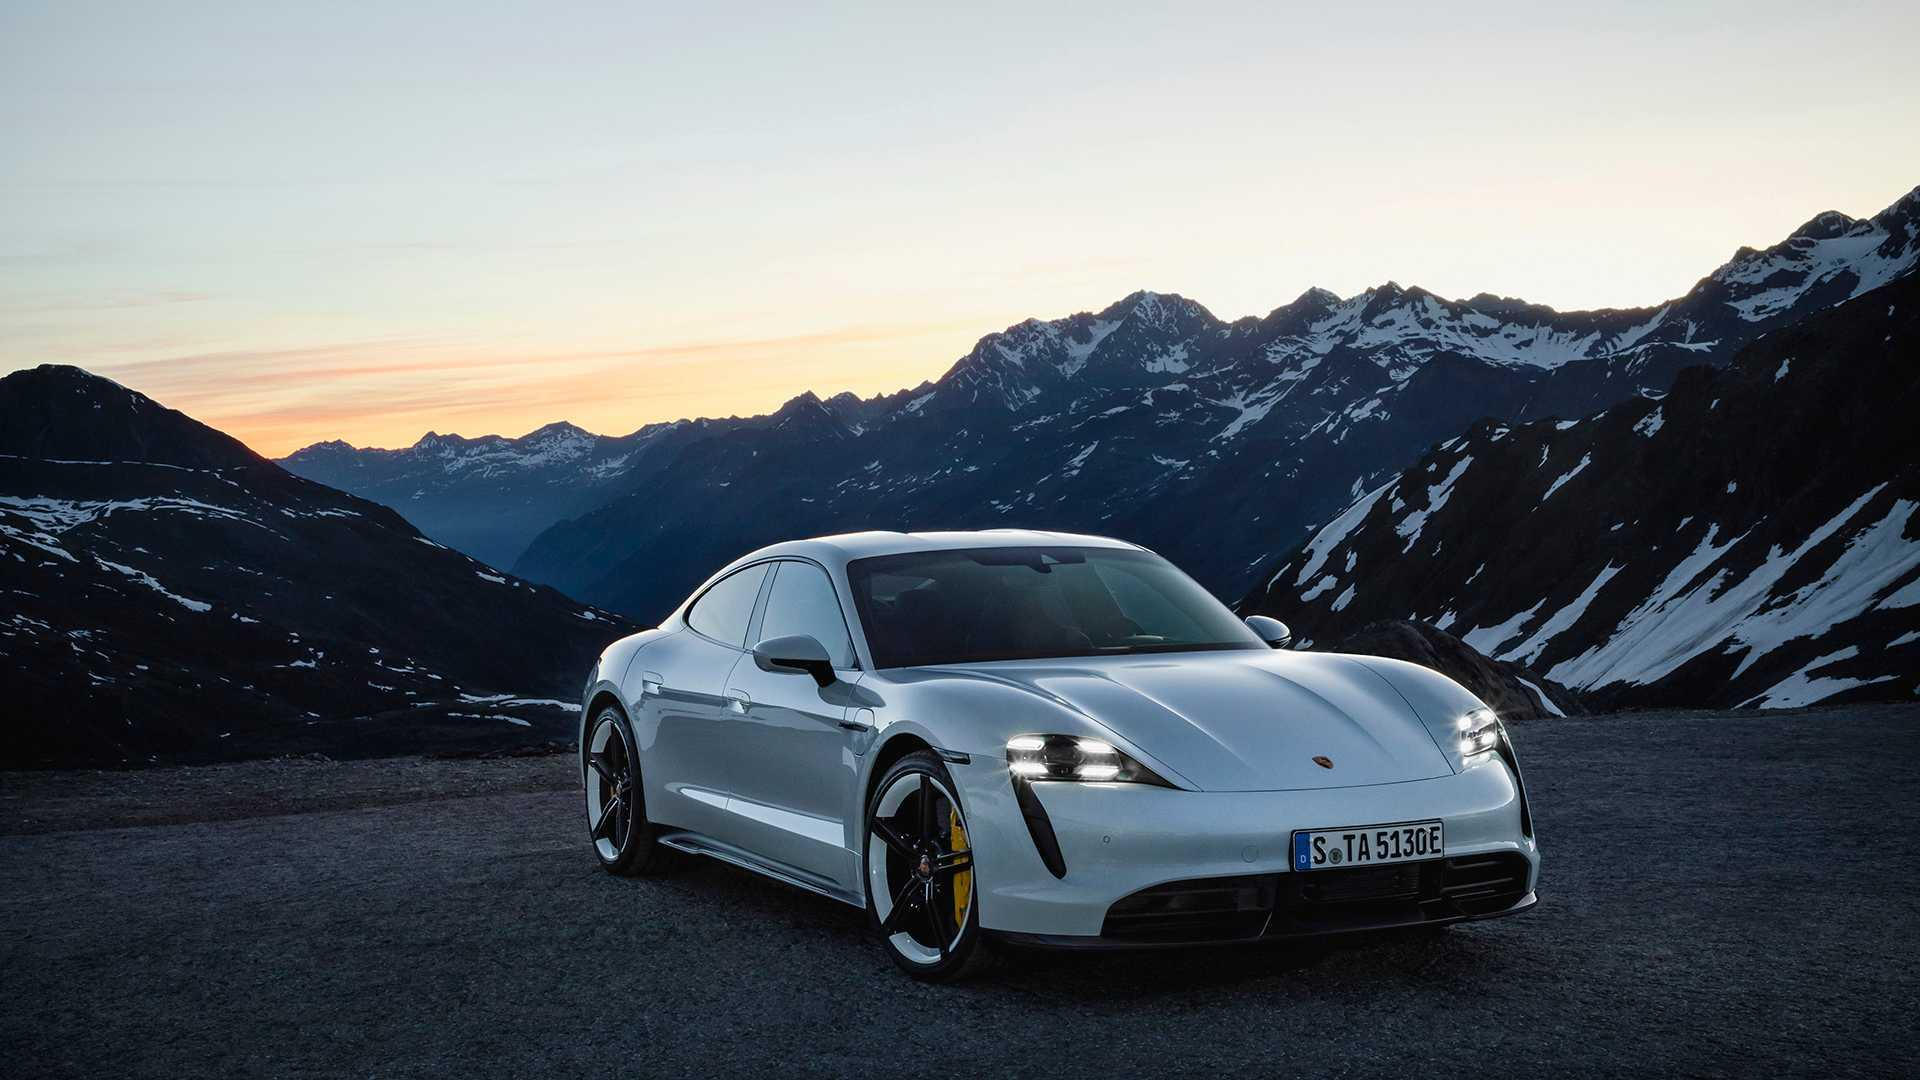 Porsche Taycan Turbo S Specs 0 60 Quarter Mile Lap Times Fastestlaps Com